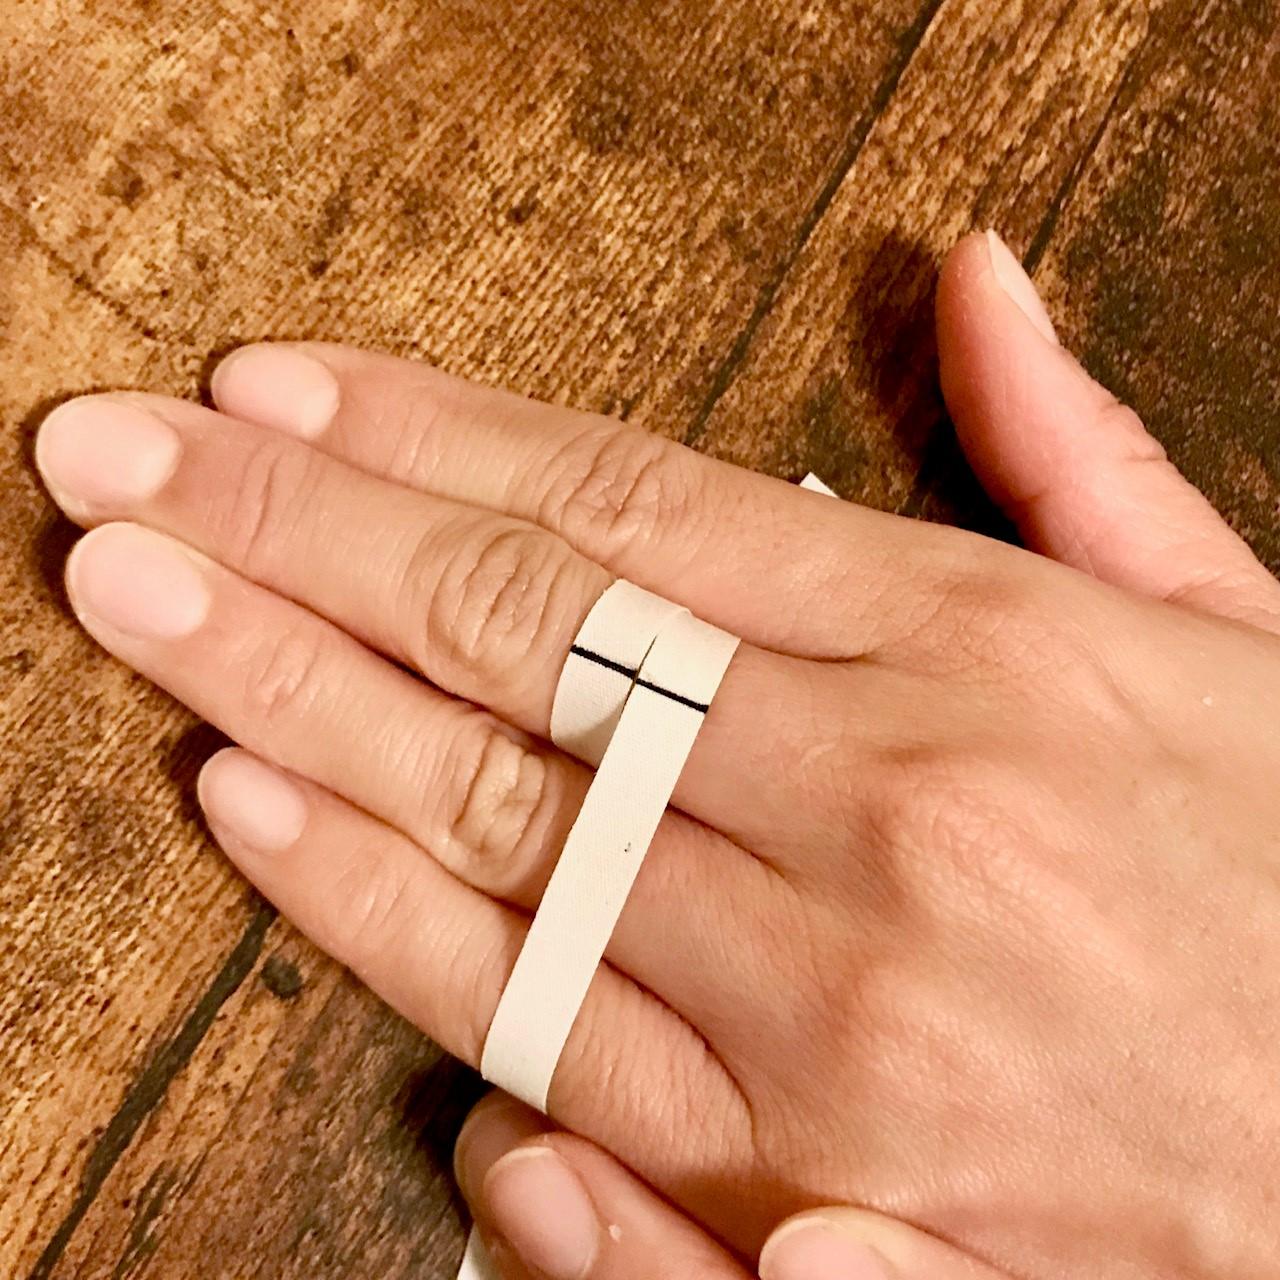 <p>測定したい指の一番太い部分(第2関節より少し下辺り)にヒモ、又は紙を巻き付けます。※この時のフィット感が指輪をはめた時の感覚に近いです。円周1mmの違いで1サイズぐらいの差が出ますので、ゆるくならないように注意して巻き付け具合を調節しましょう。一周巻き付けて重なった部分にペンで目印を付けます。<br>※見やすいように少し太めのヒモを使用し、太めの印を付けています。